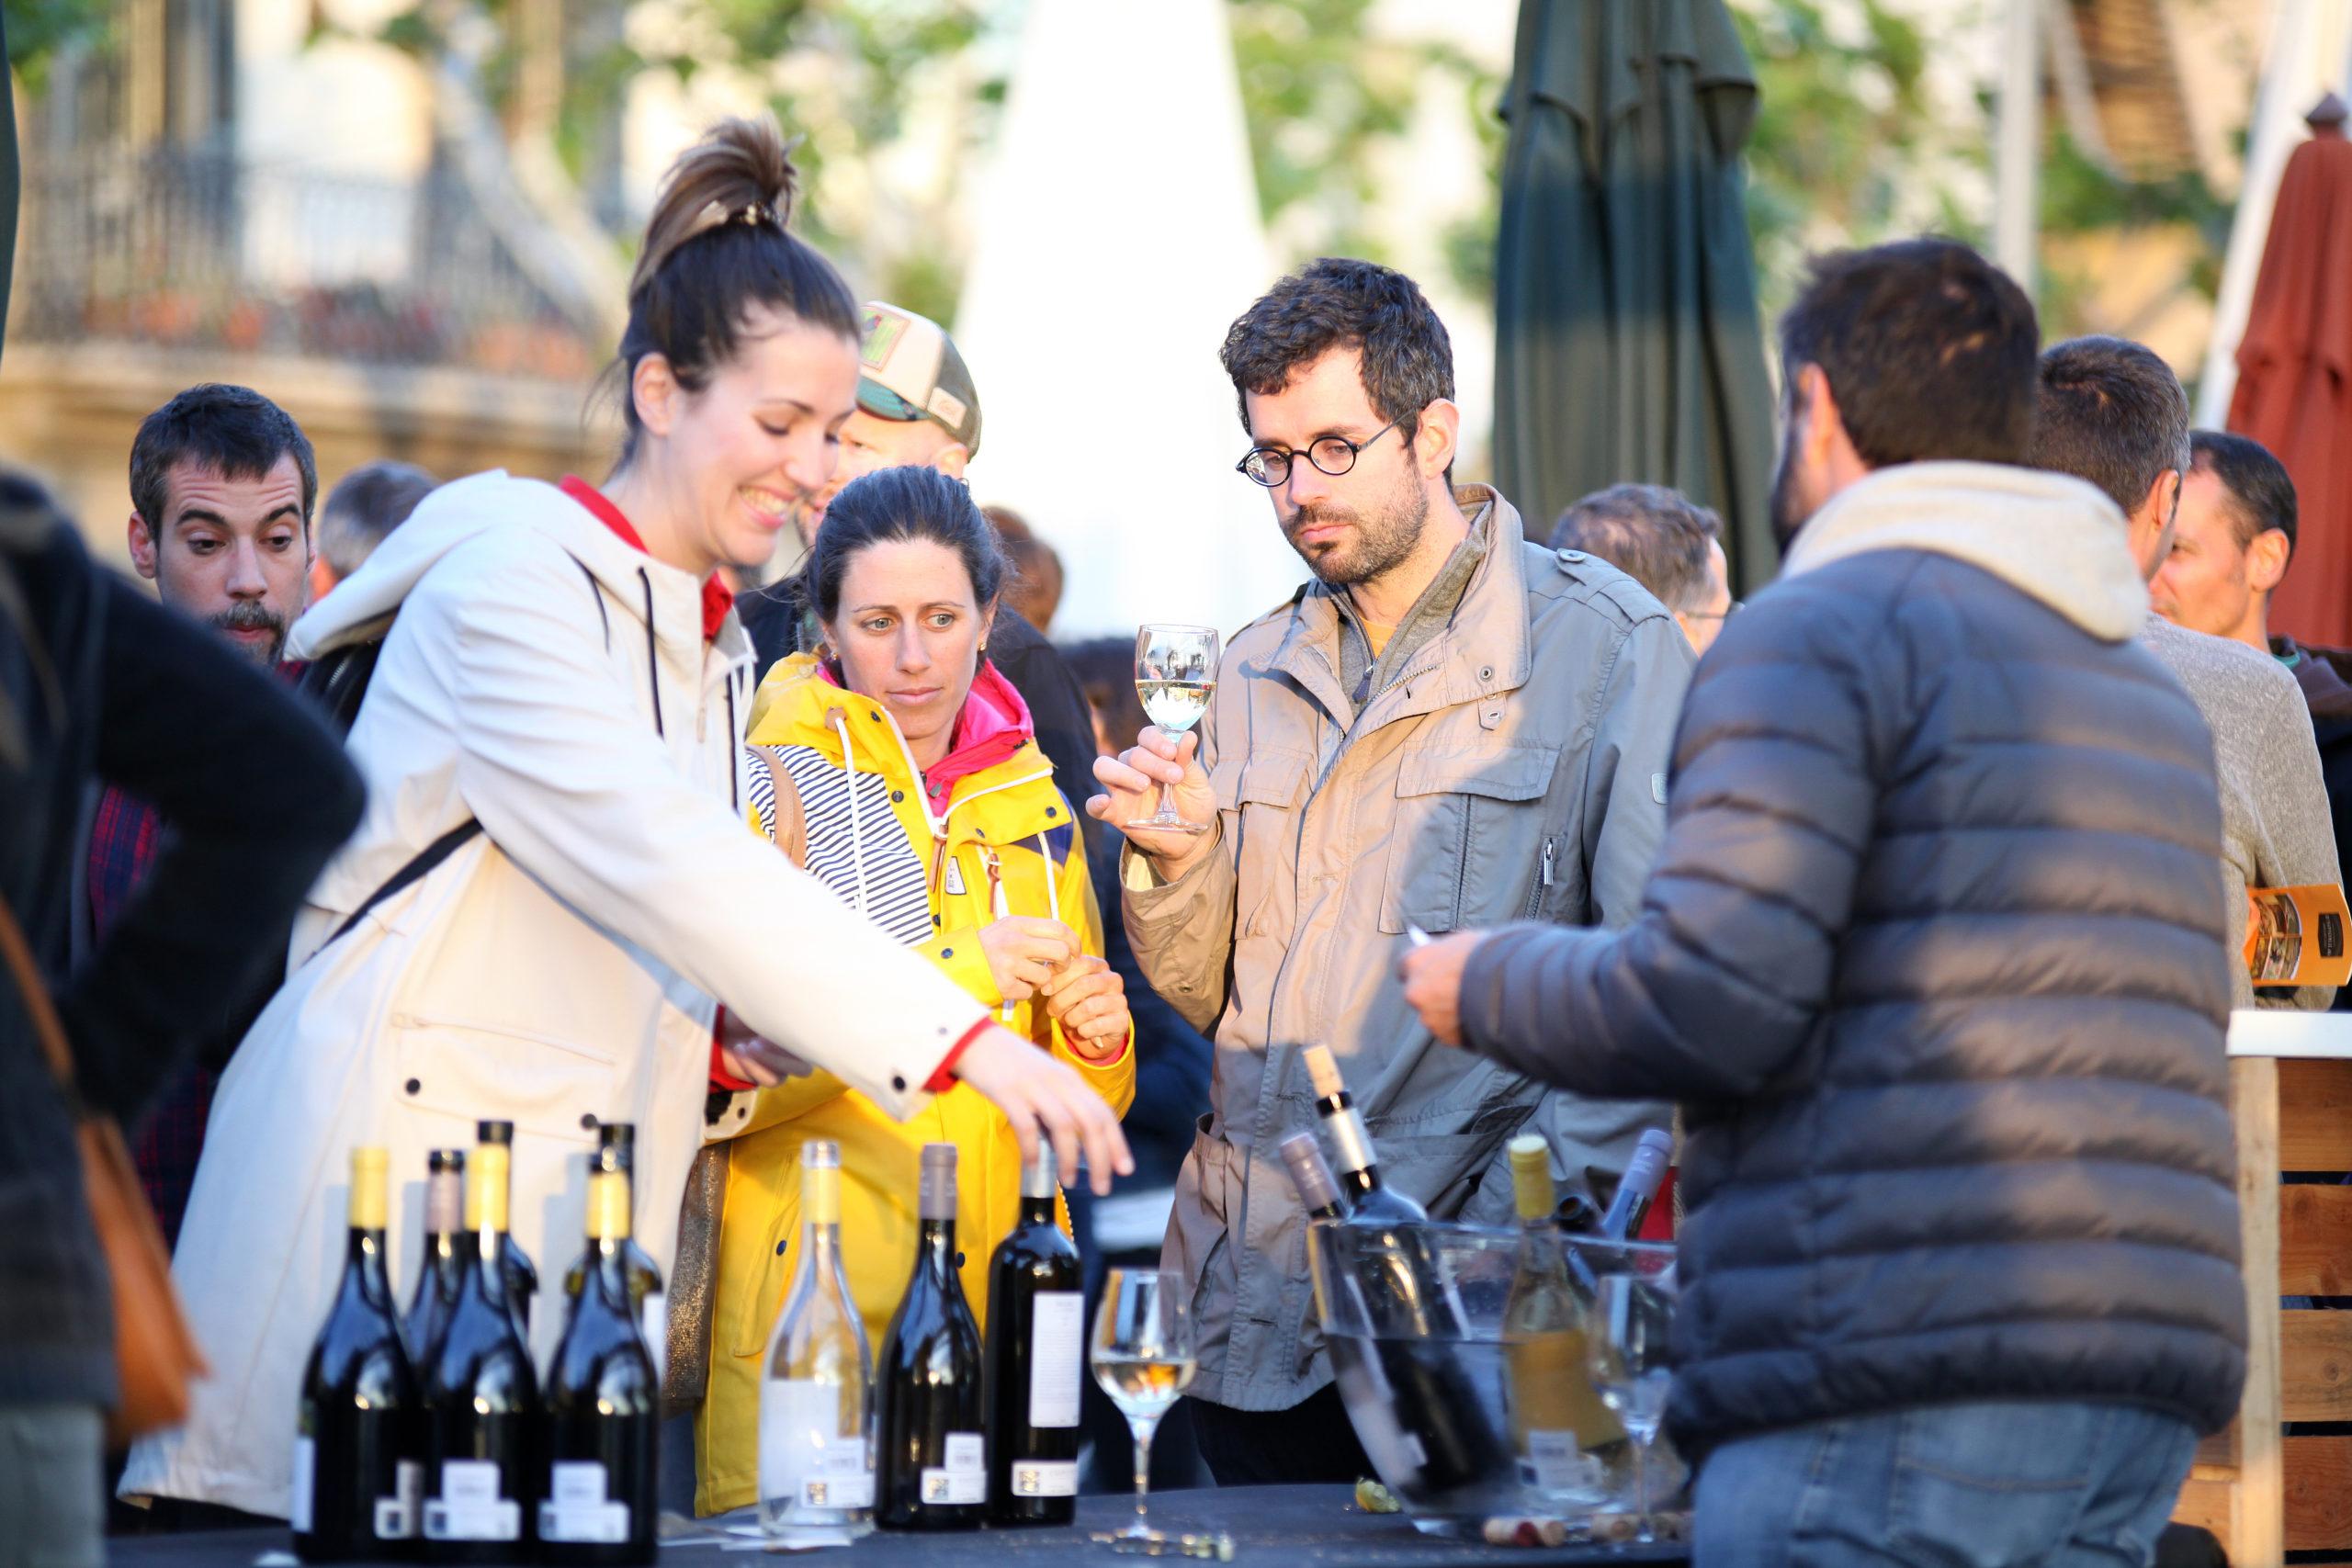 10 cellers participaran diumenge a la Mostra del Vi DO Empordà a Roses